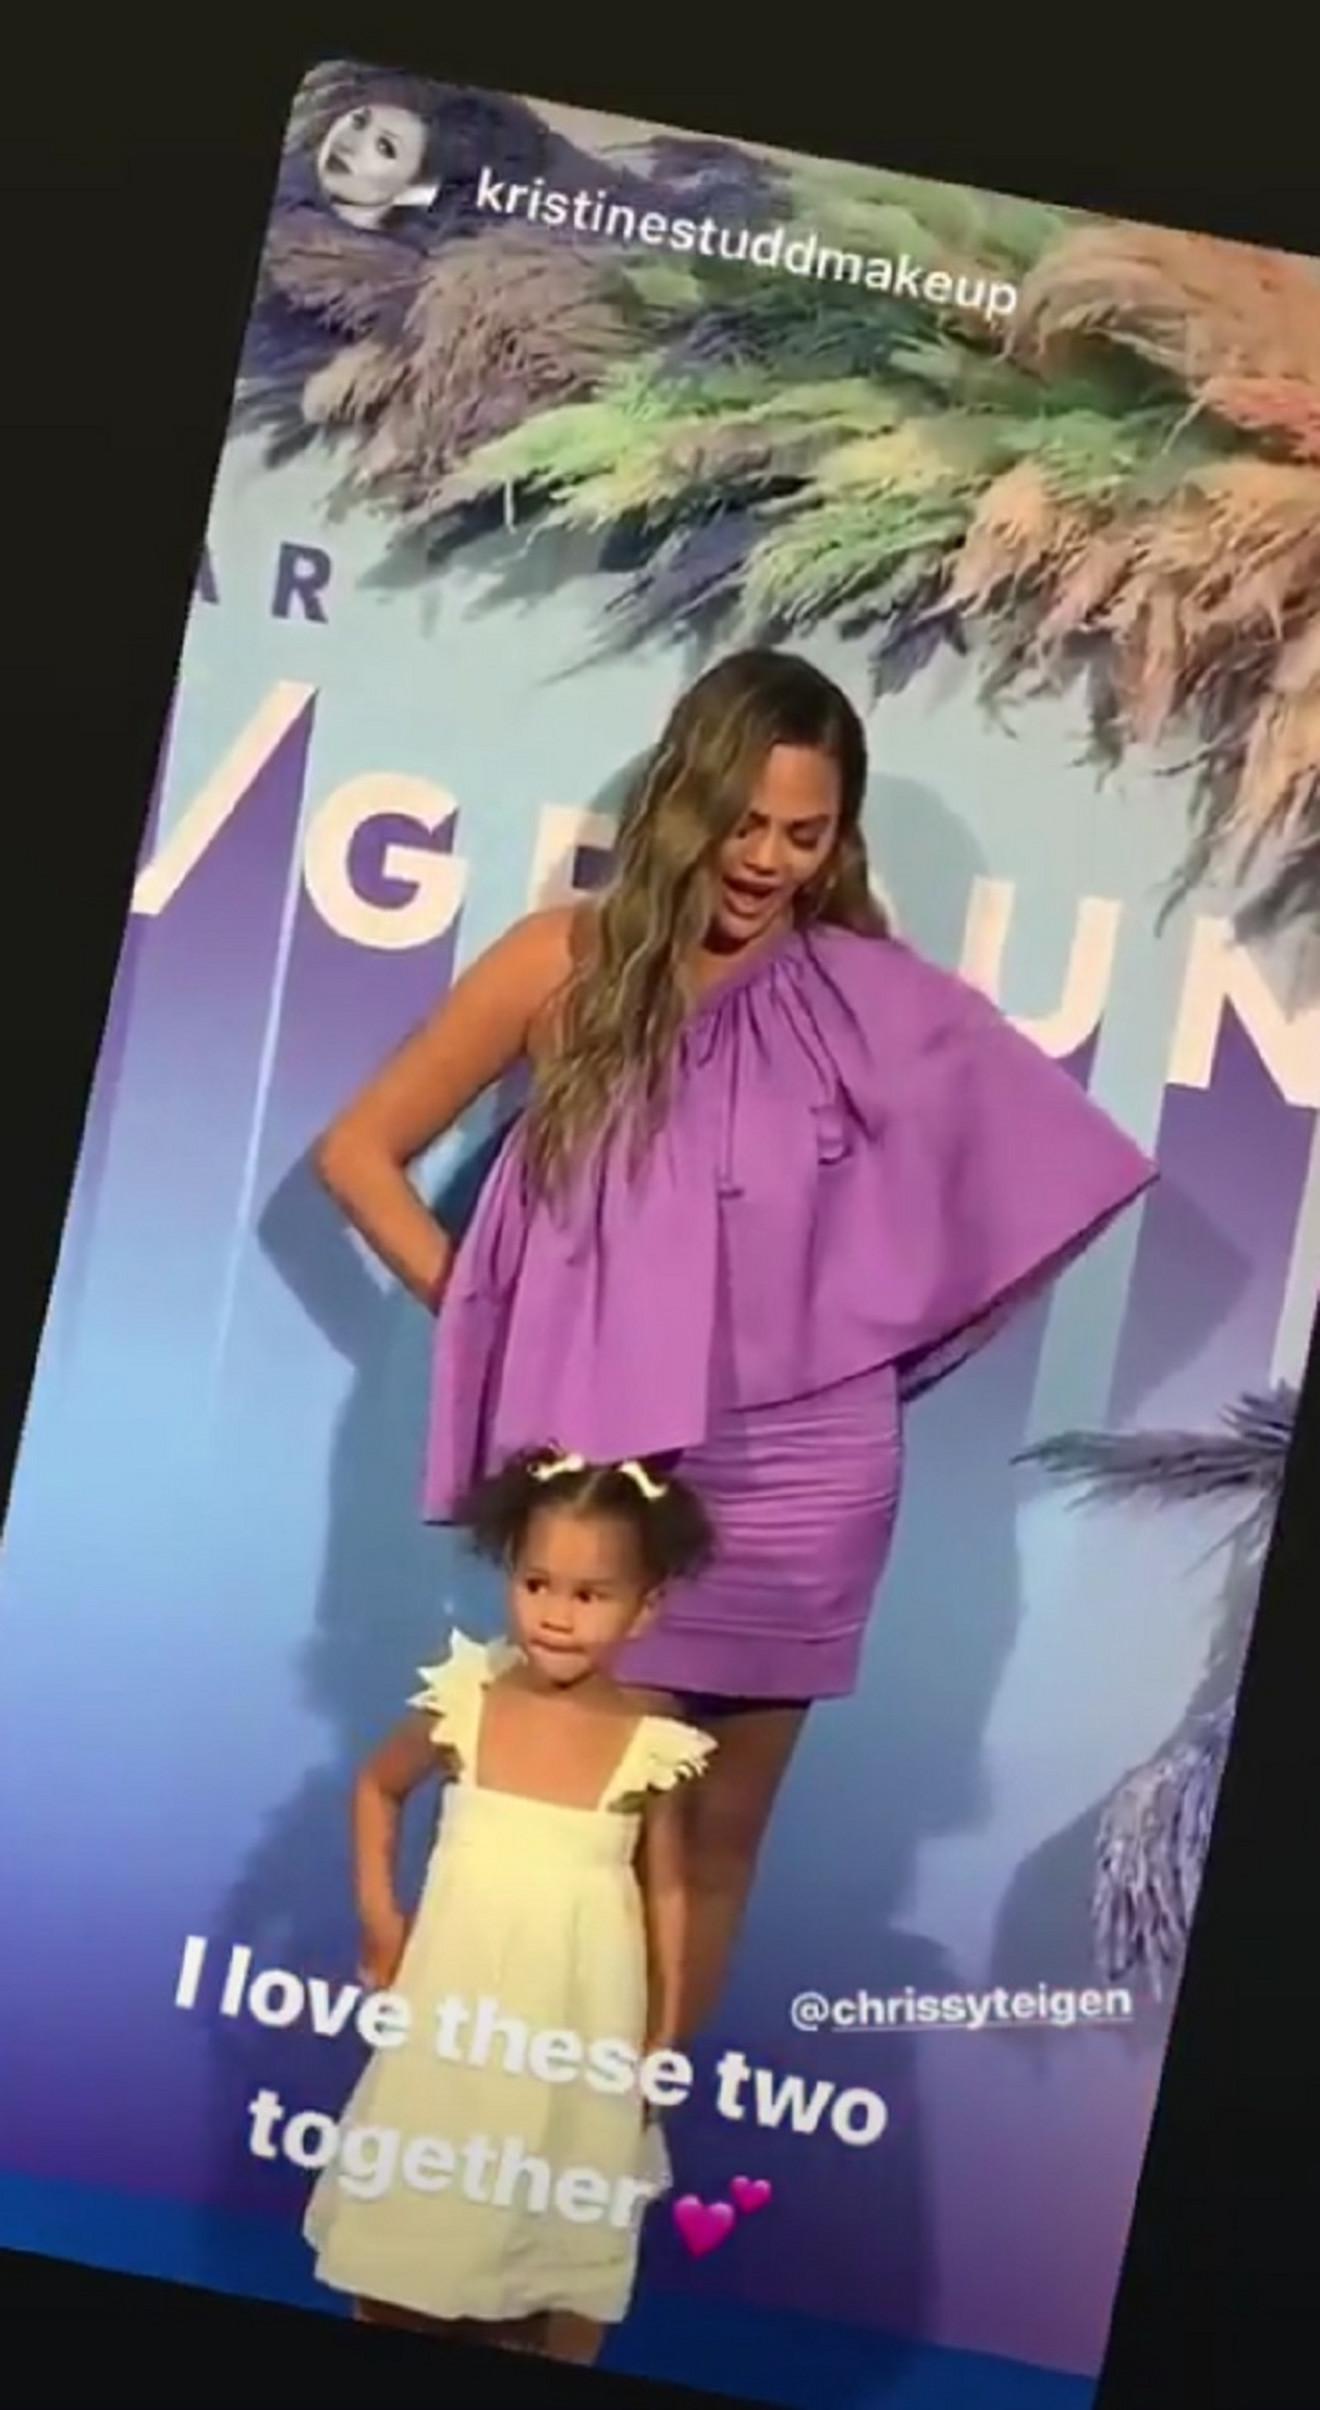 Krisi Tajgen sa ćerkicom